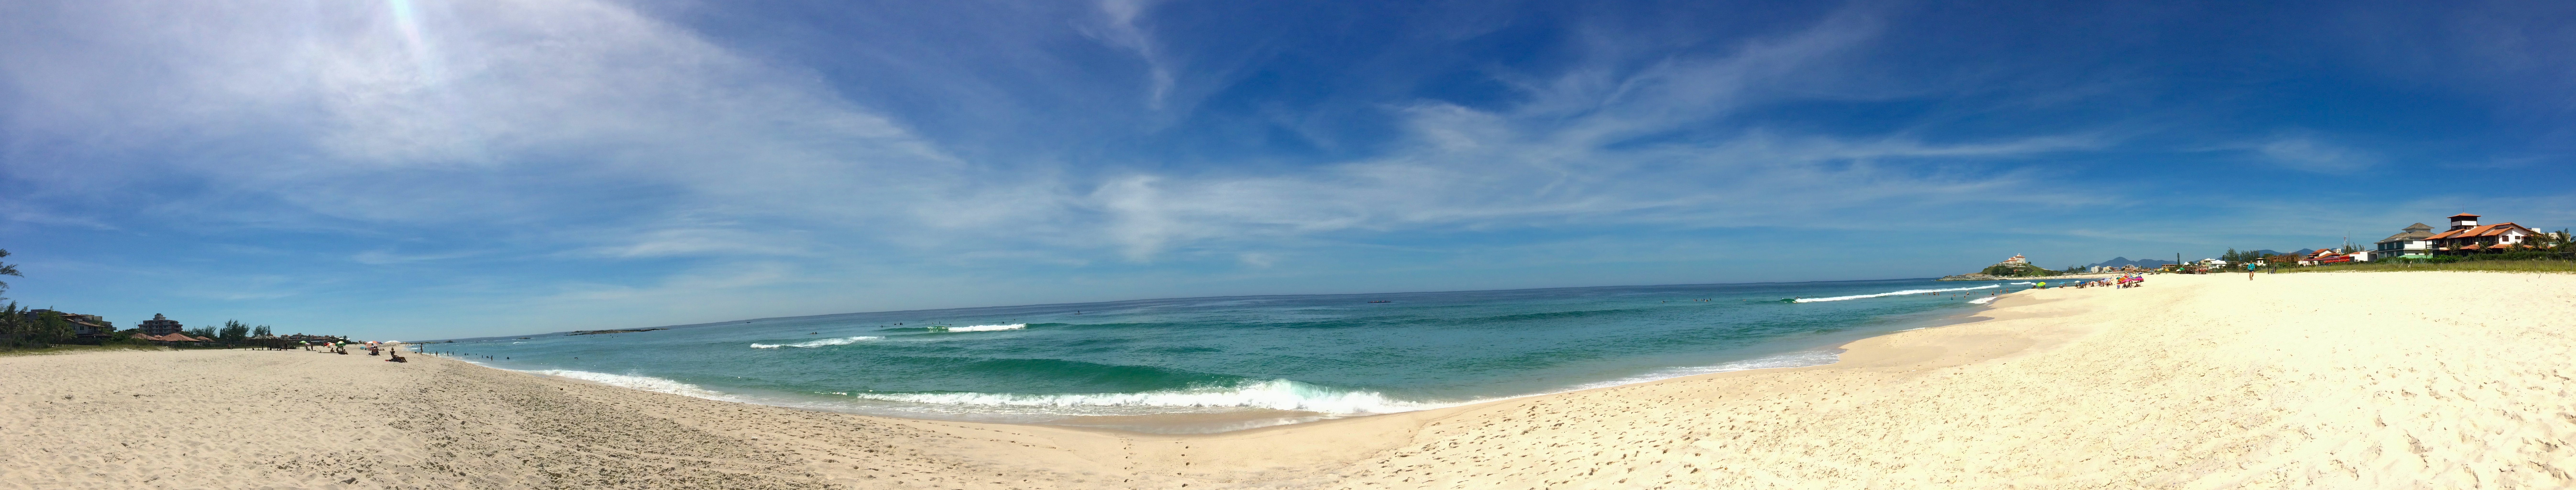 saquarema, surf em saquarema, o que fazer em saquarema, saquarema dicas